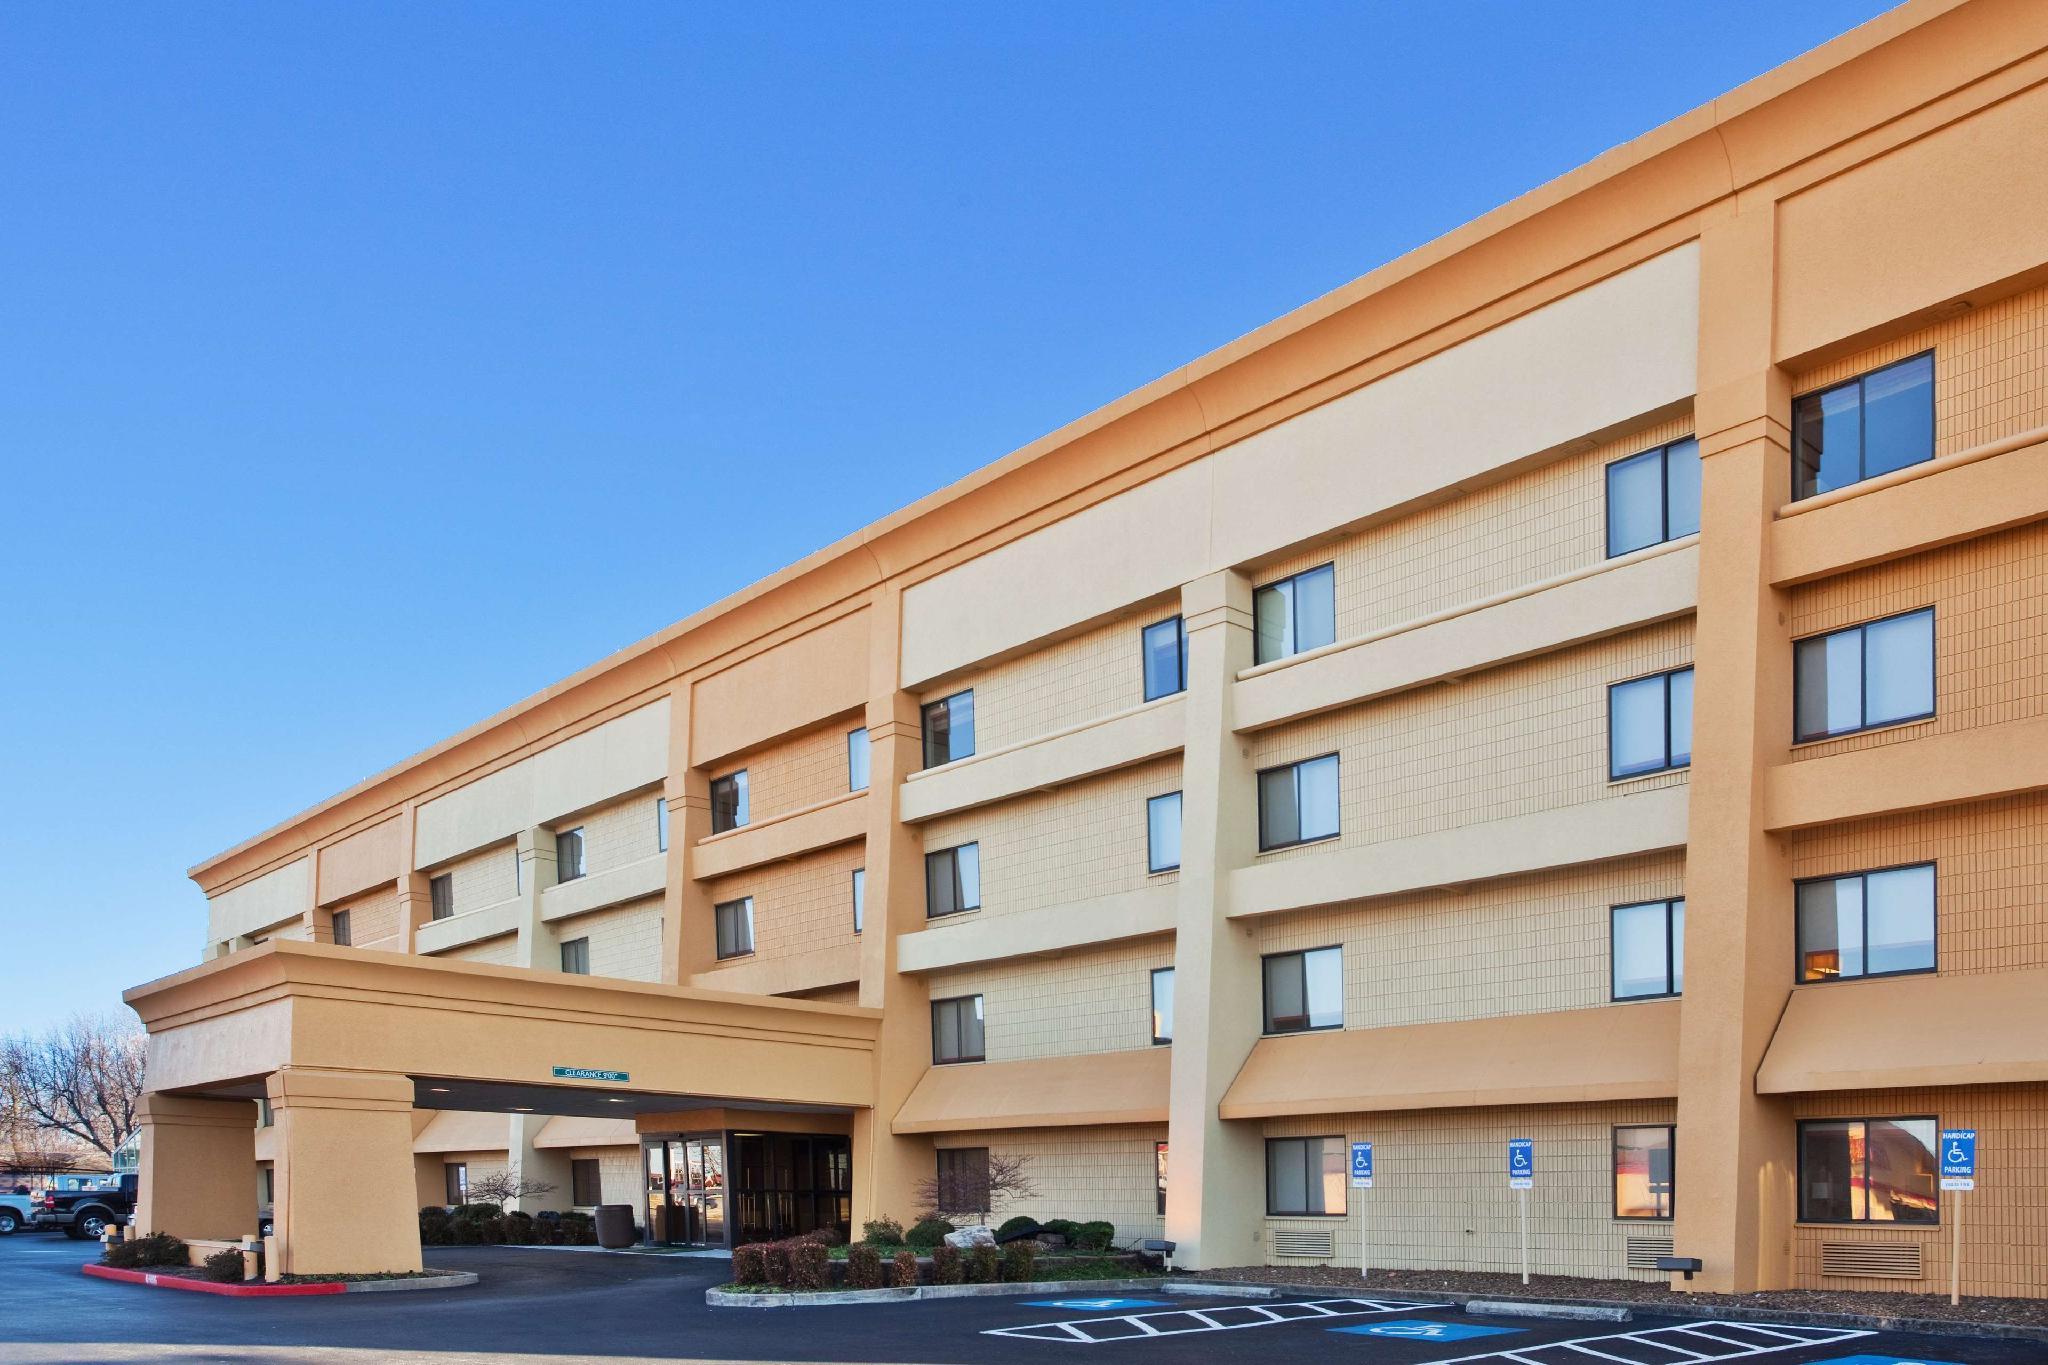 La Quinta Inn And Suites By Wyndham Springdale